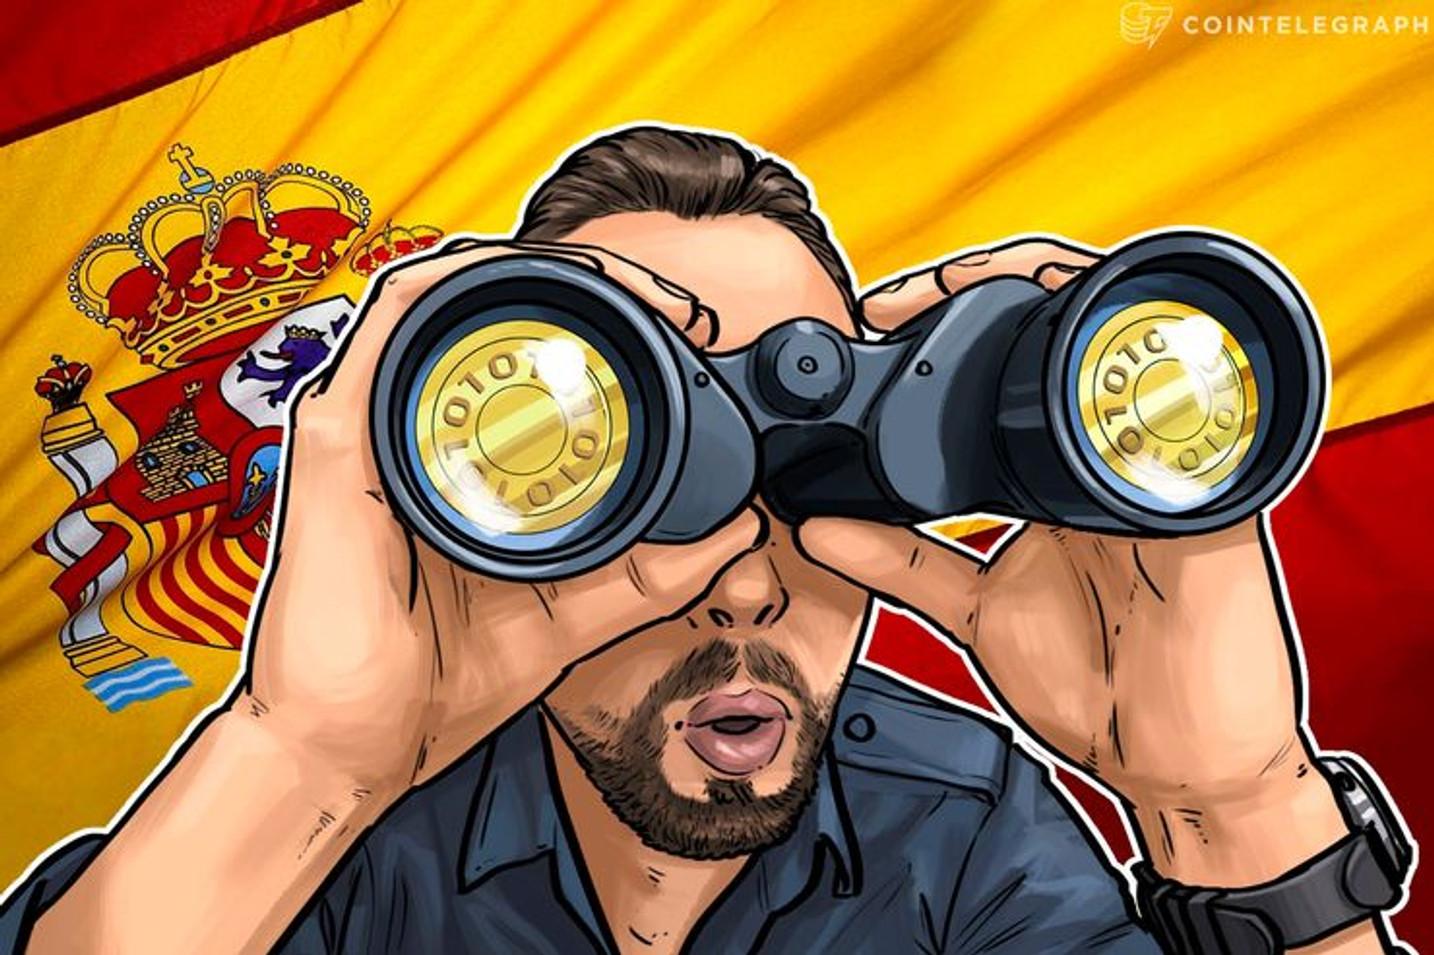 España: Anteproyecto establece que proveedores de criptomonedas deberán cumplir con prevención del blanqueo de capitales